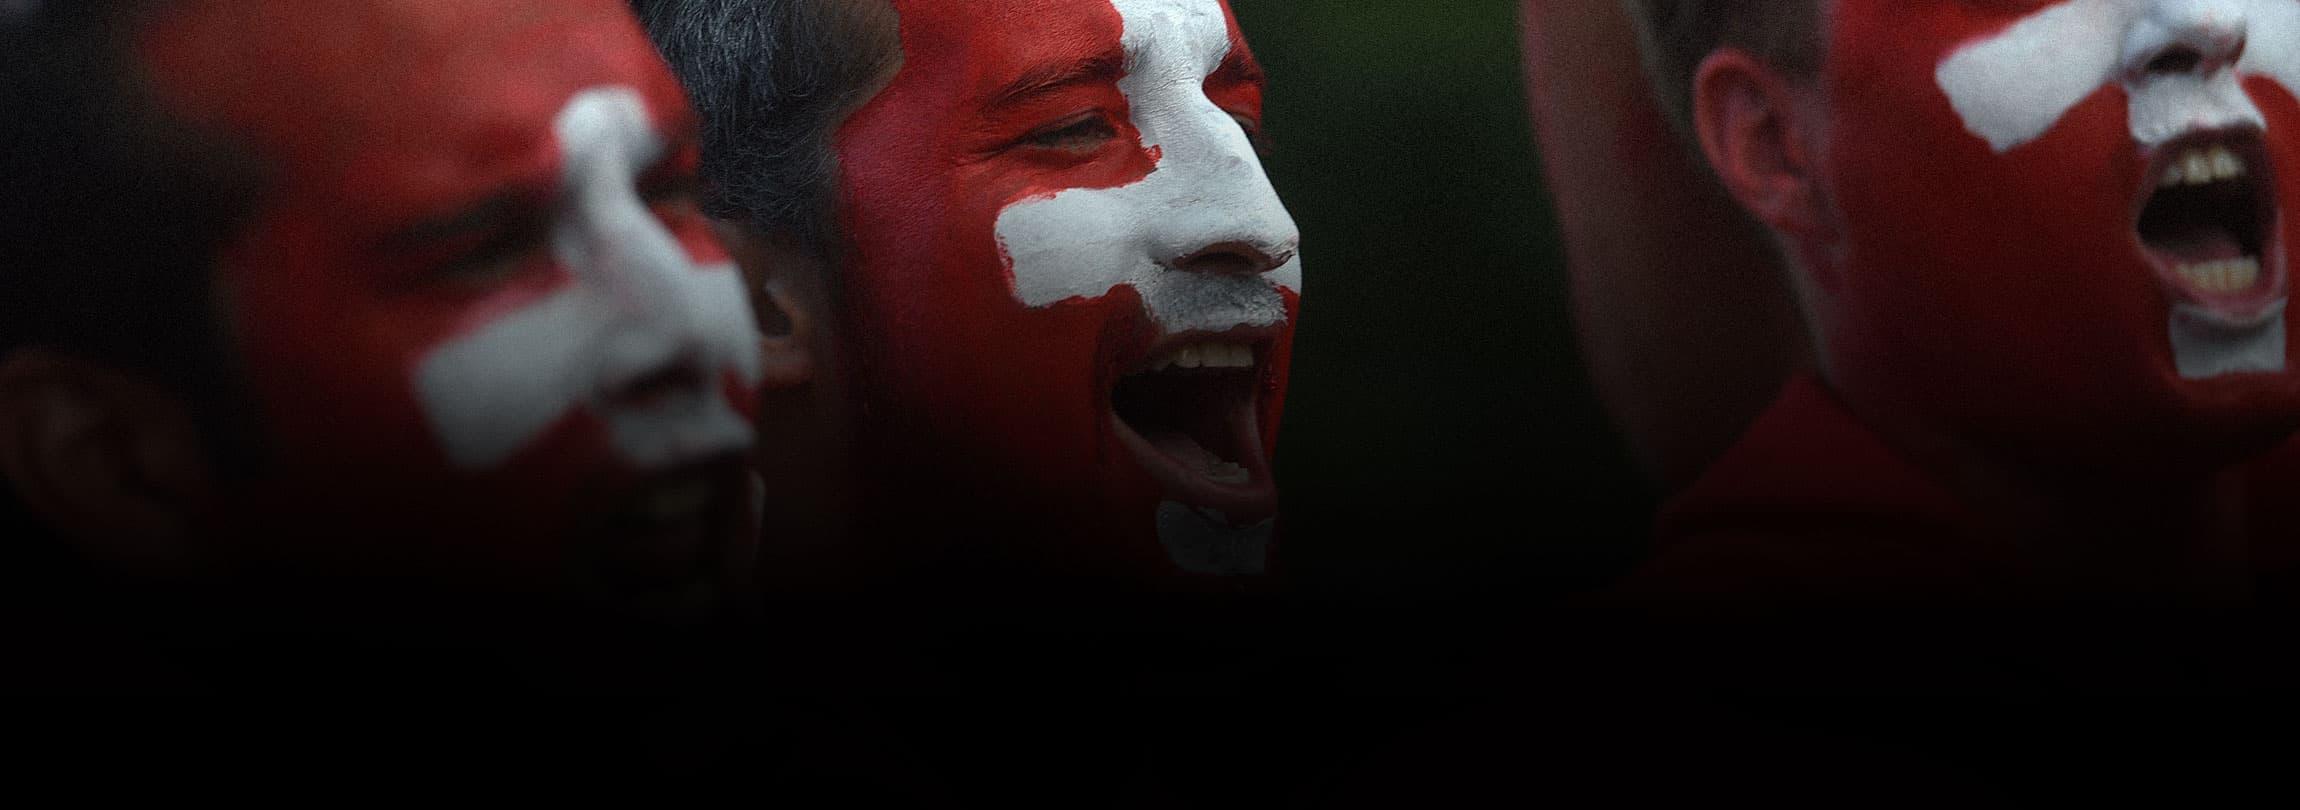 25 mil reais para quem tirar Deus do hino nacional da Suíça